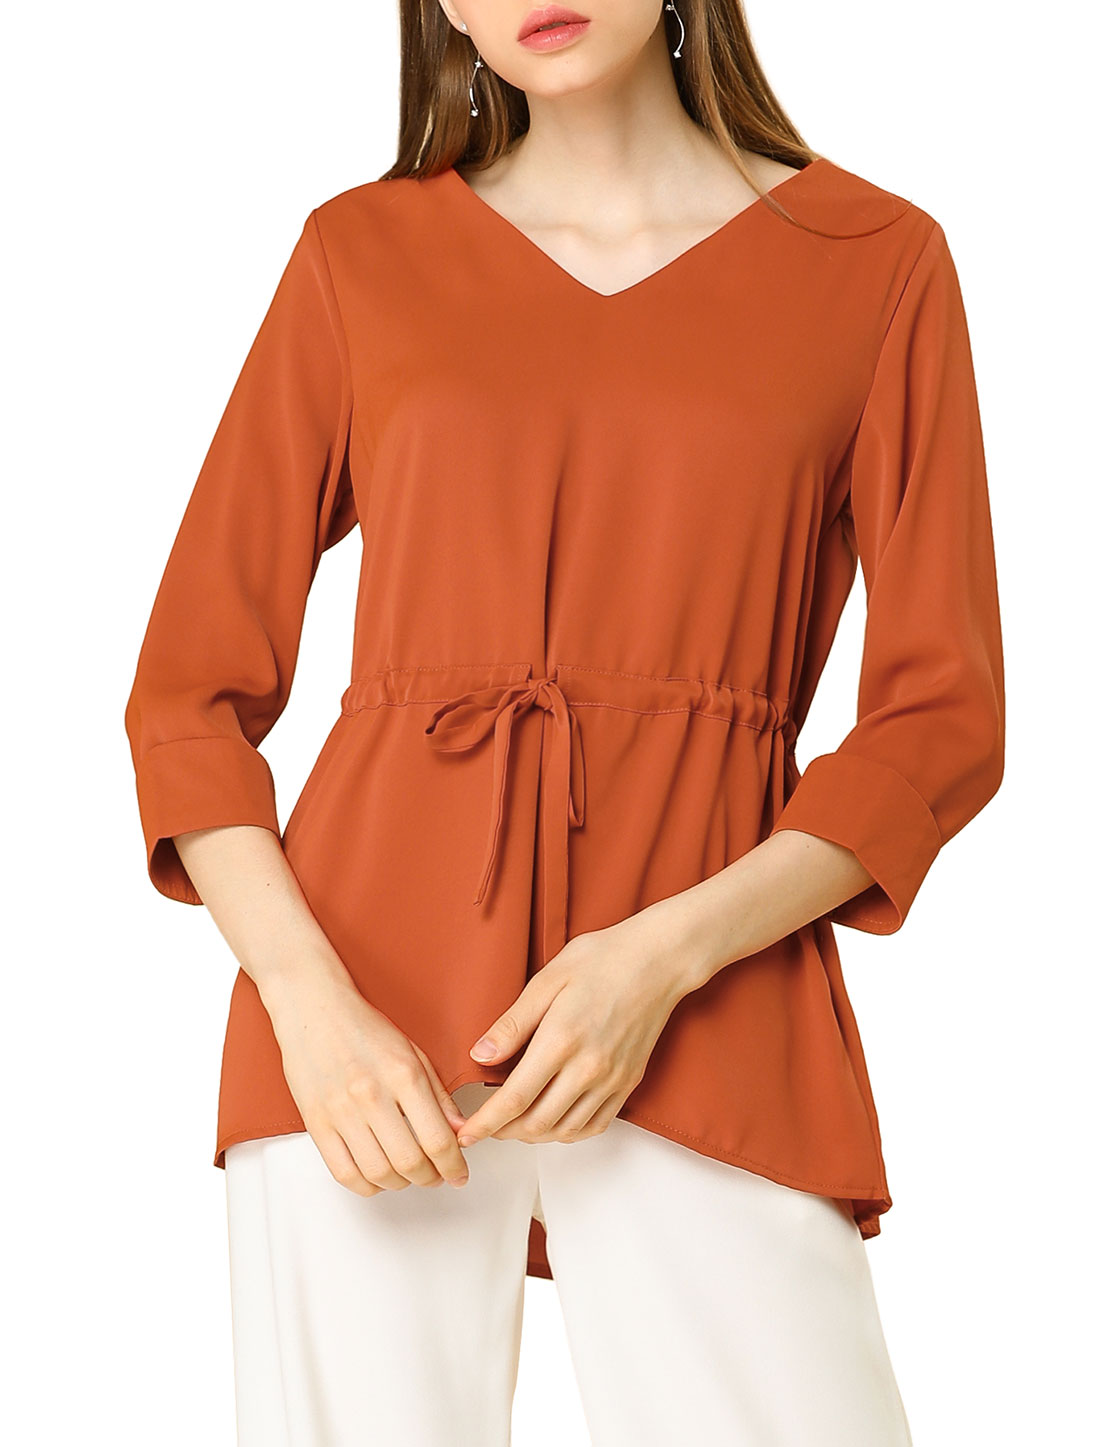 Allegra K Women's 3/4 Sleeves V Neck Peplum Top Blouse Orange XS